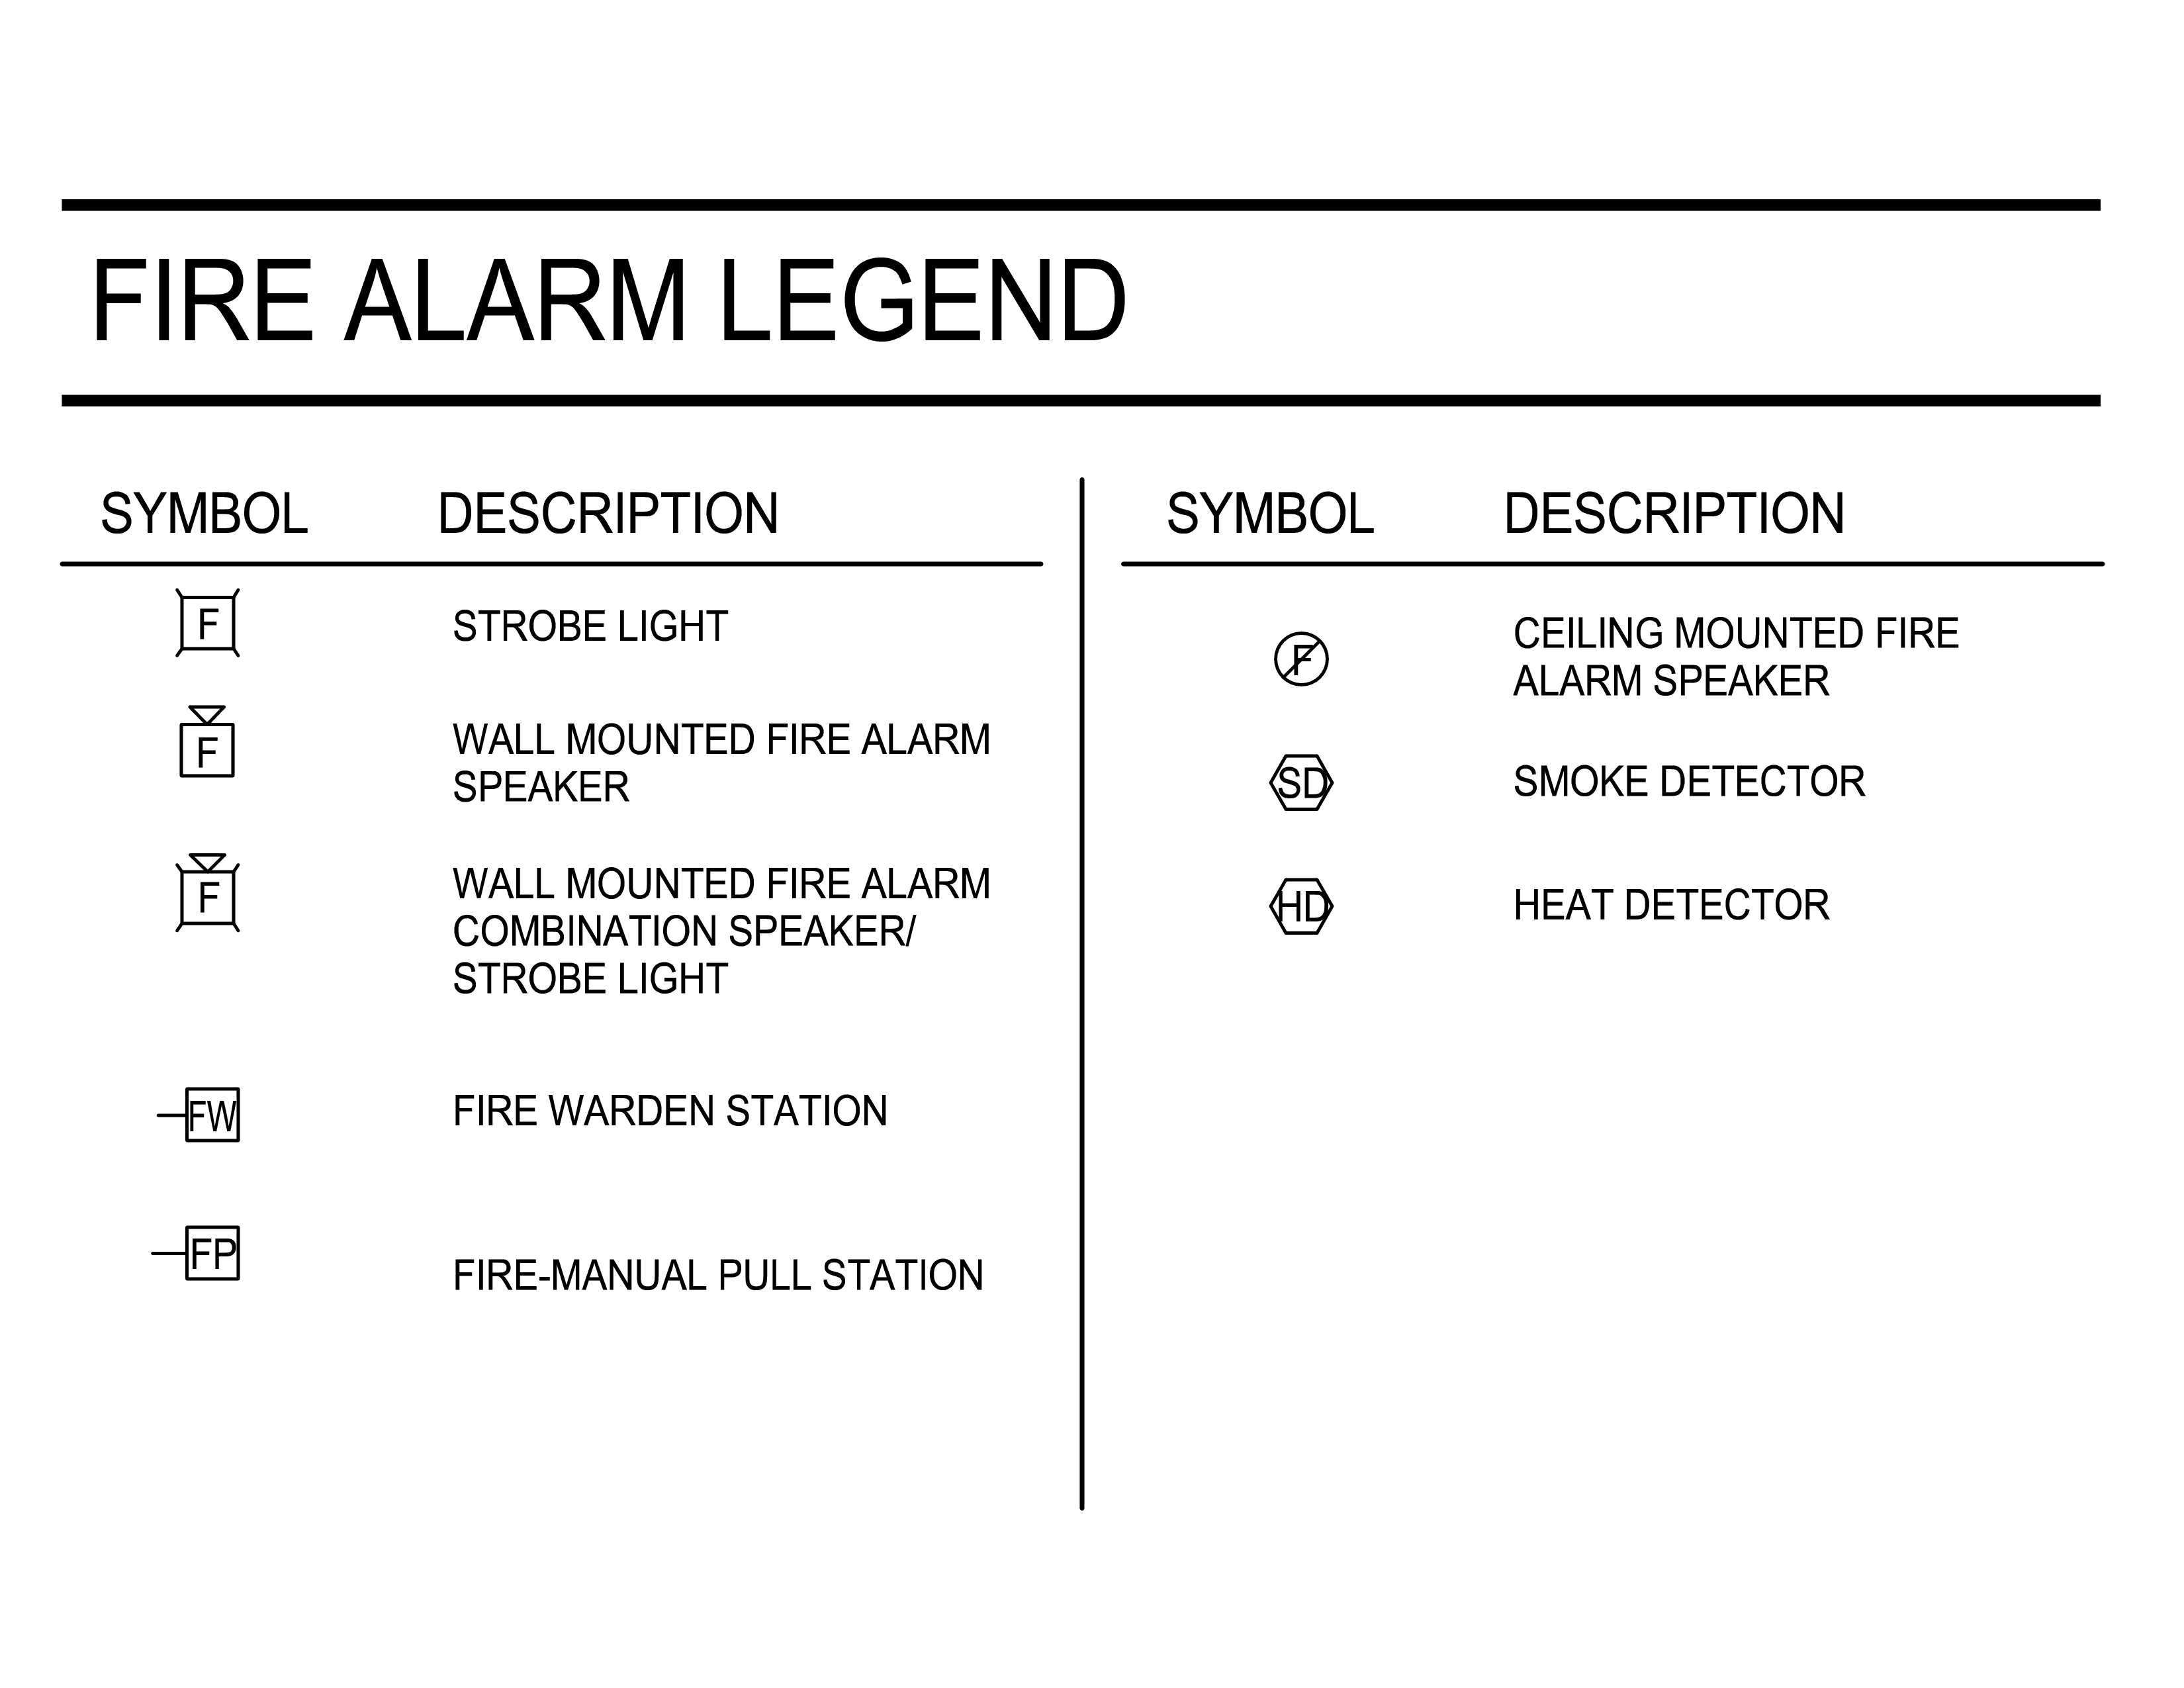 fire alarm legend architecture details boarding pass [ 3300 x 2550 Pixel ]